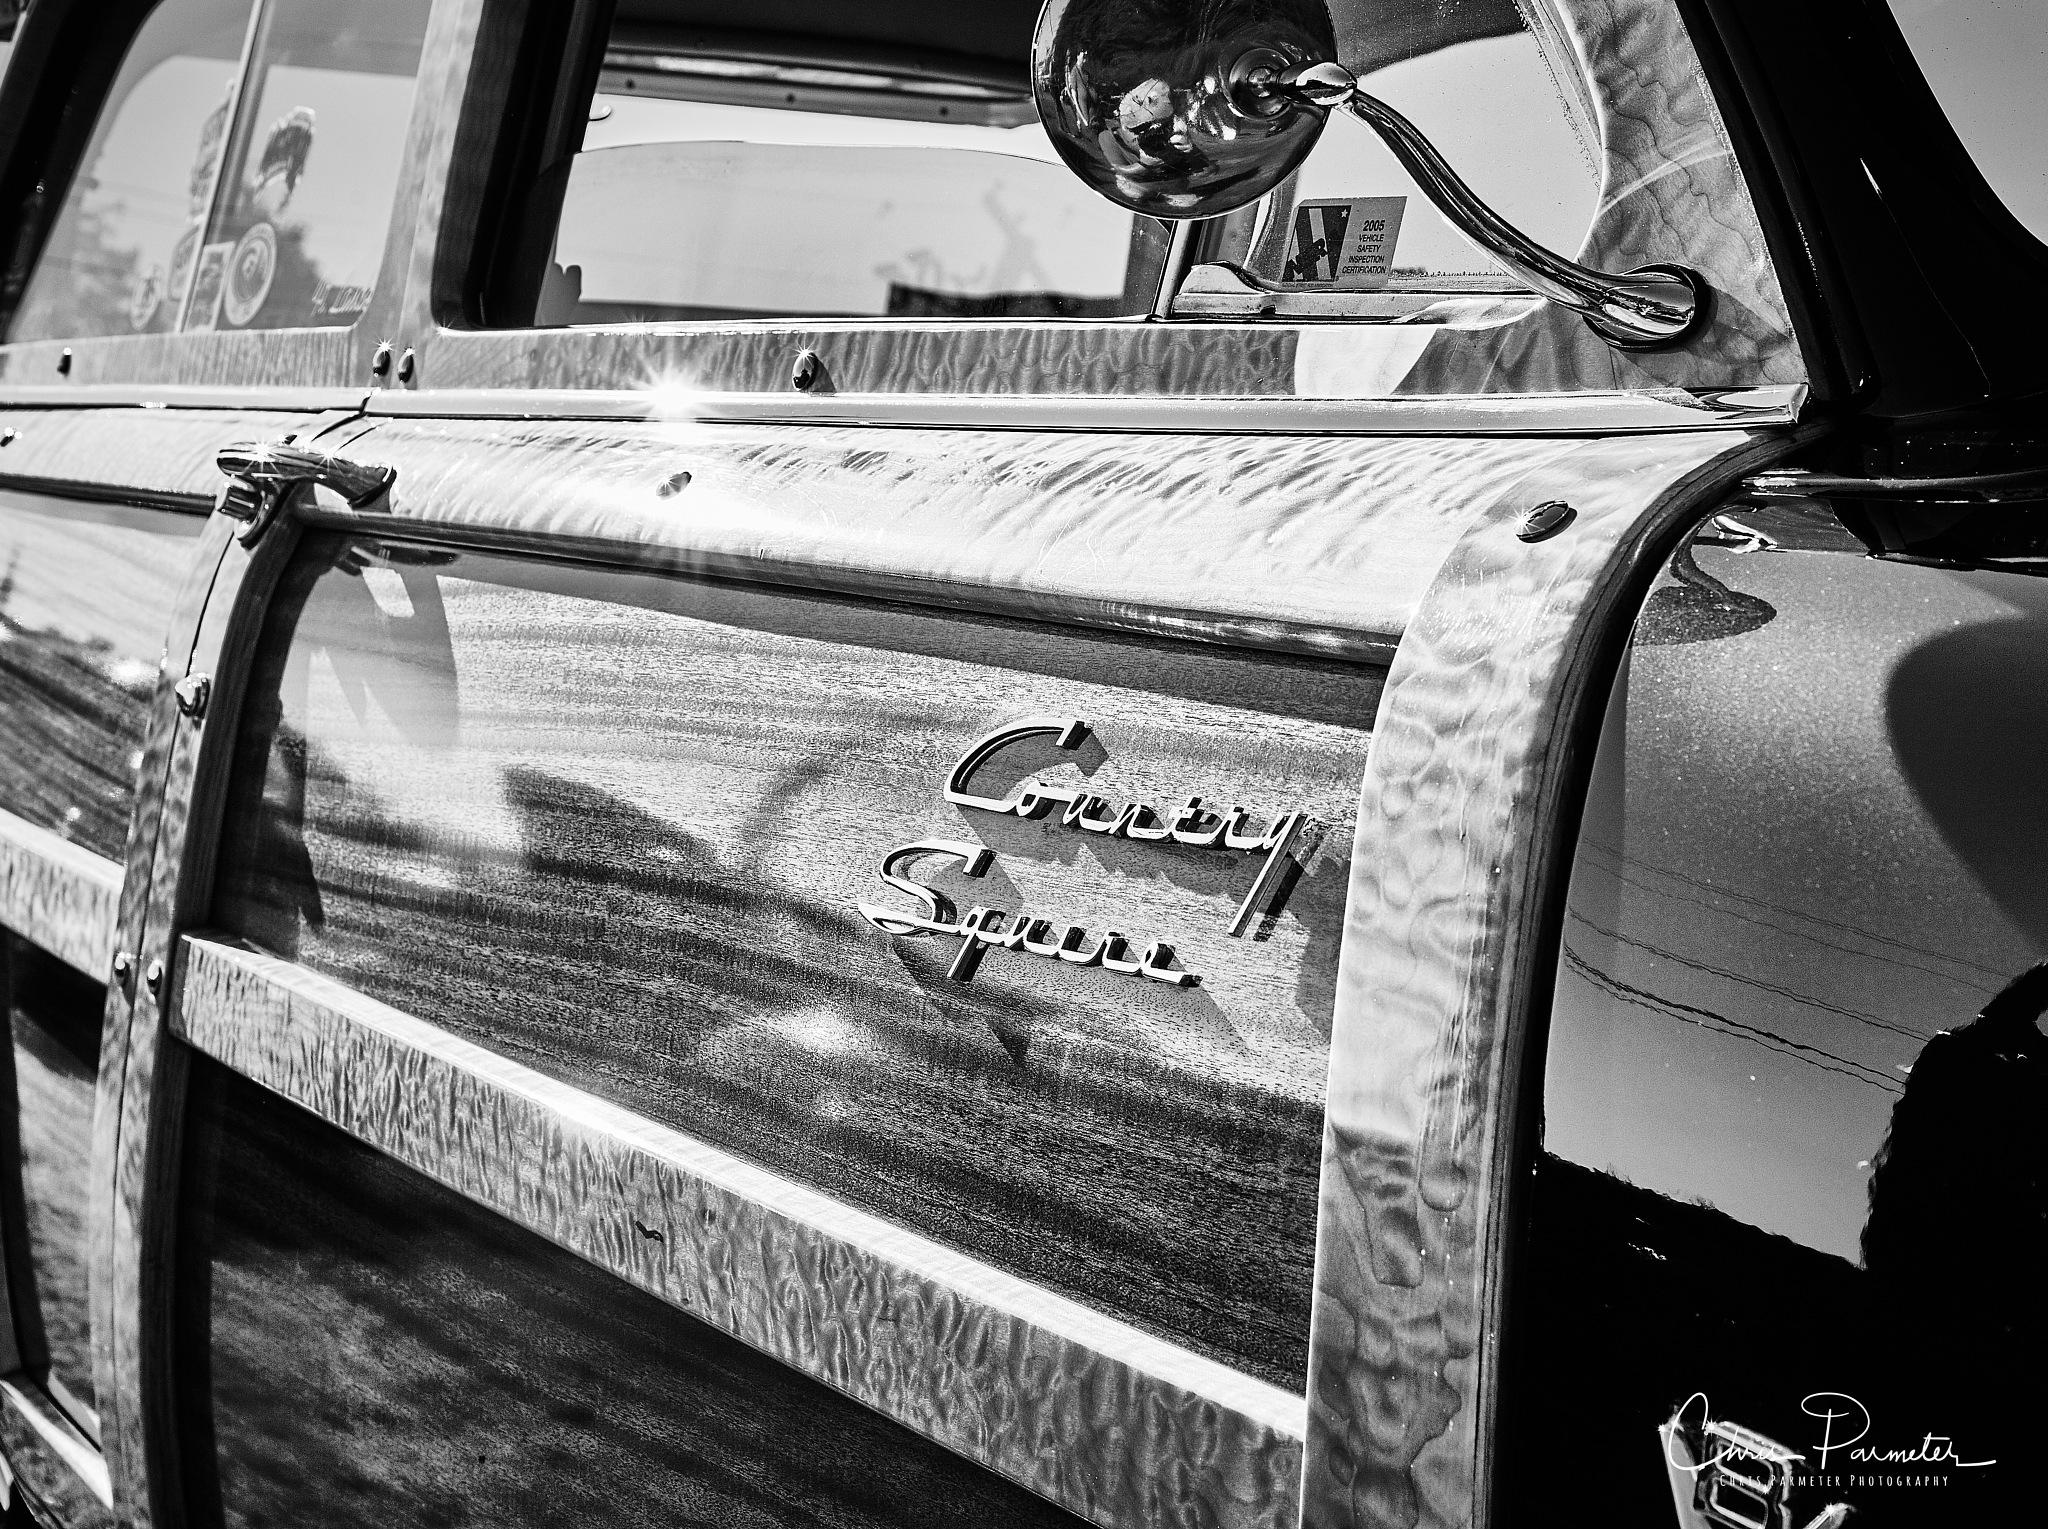 1951 Ford Woodie by Chris Parmeter